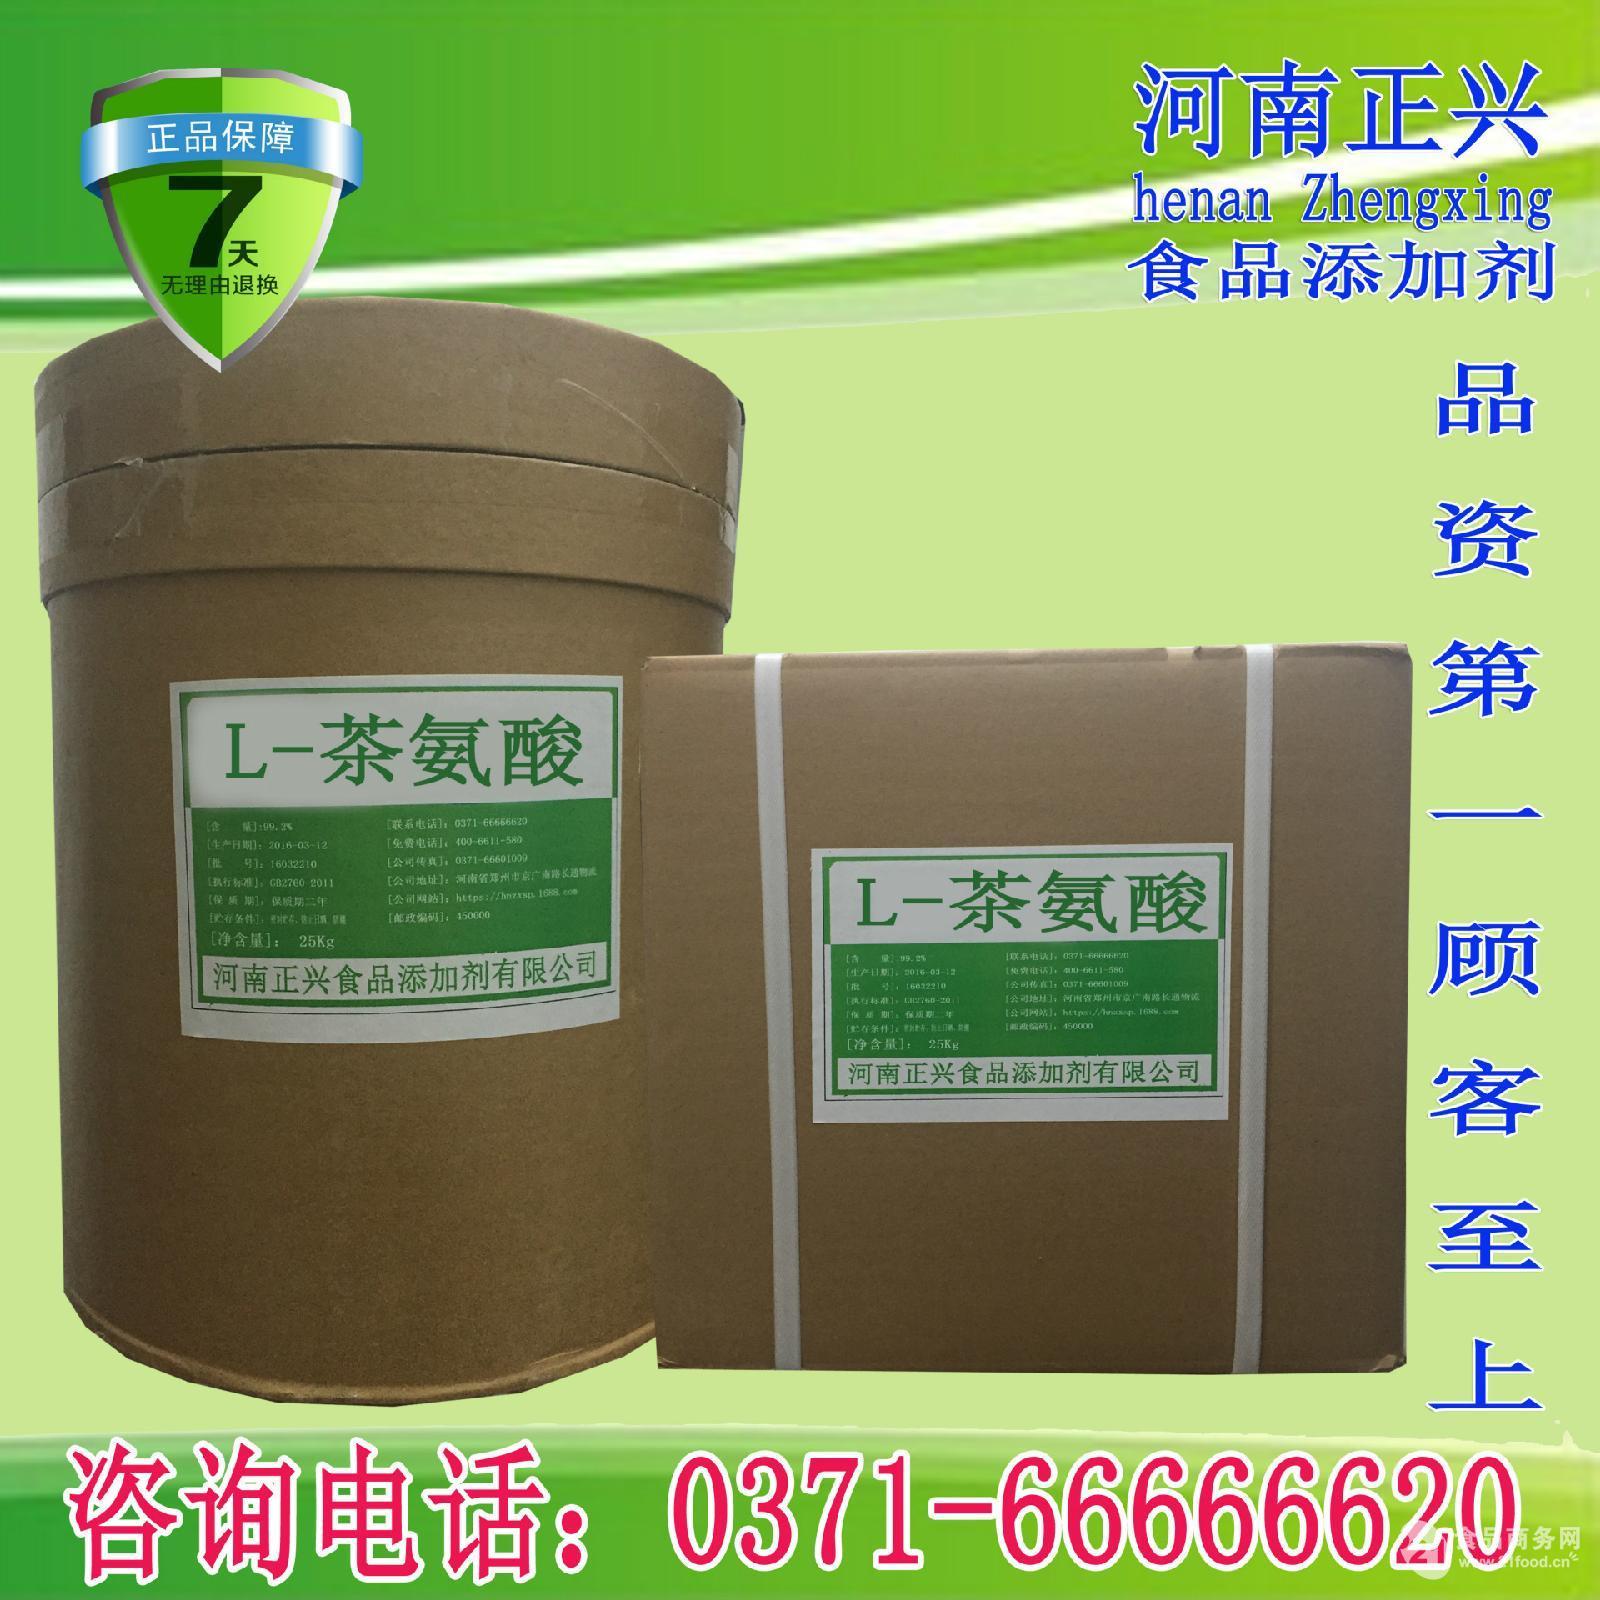 专业供应 氨基酸 食品级 L-茶氨酸 99% 质量